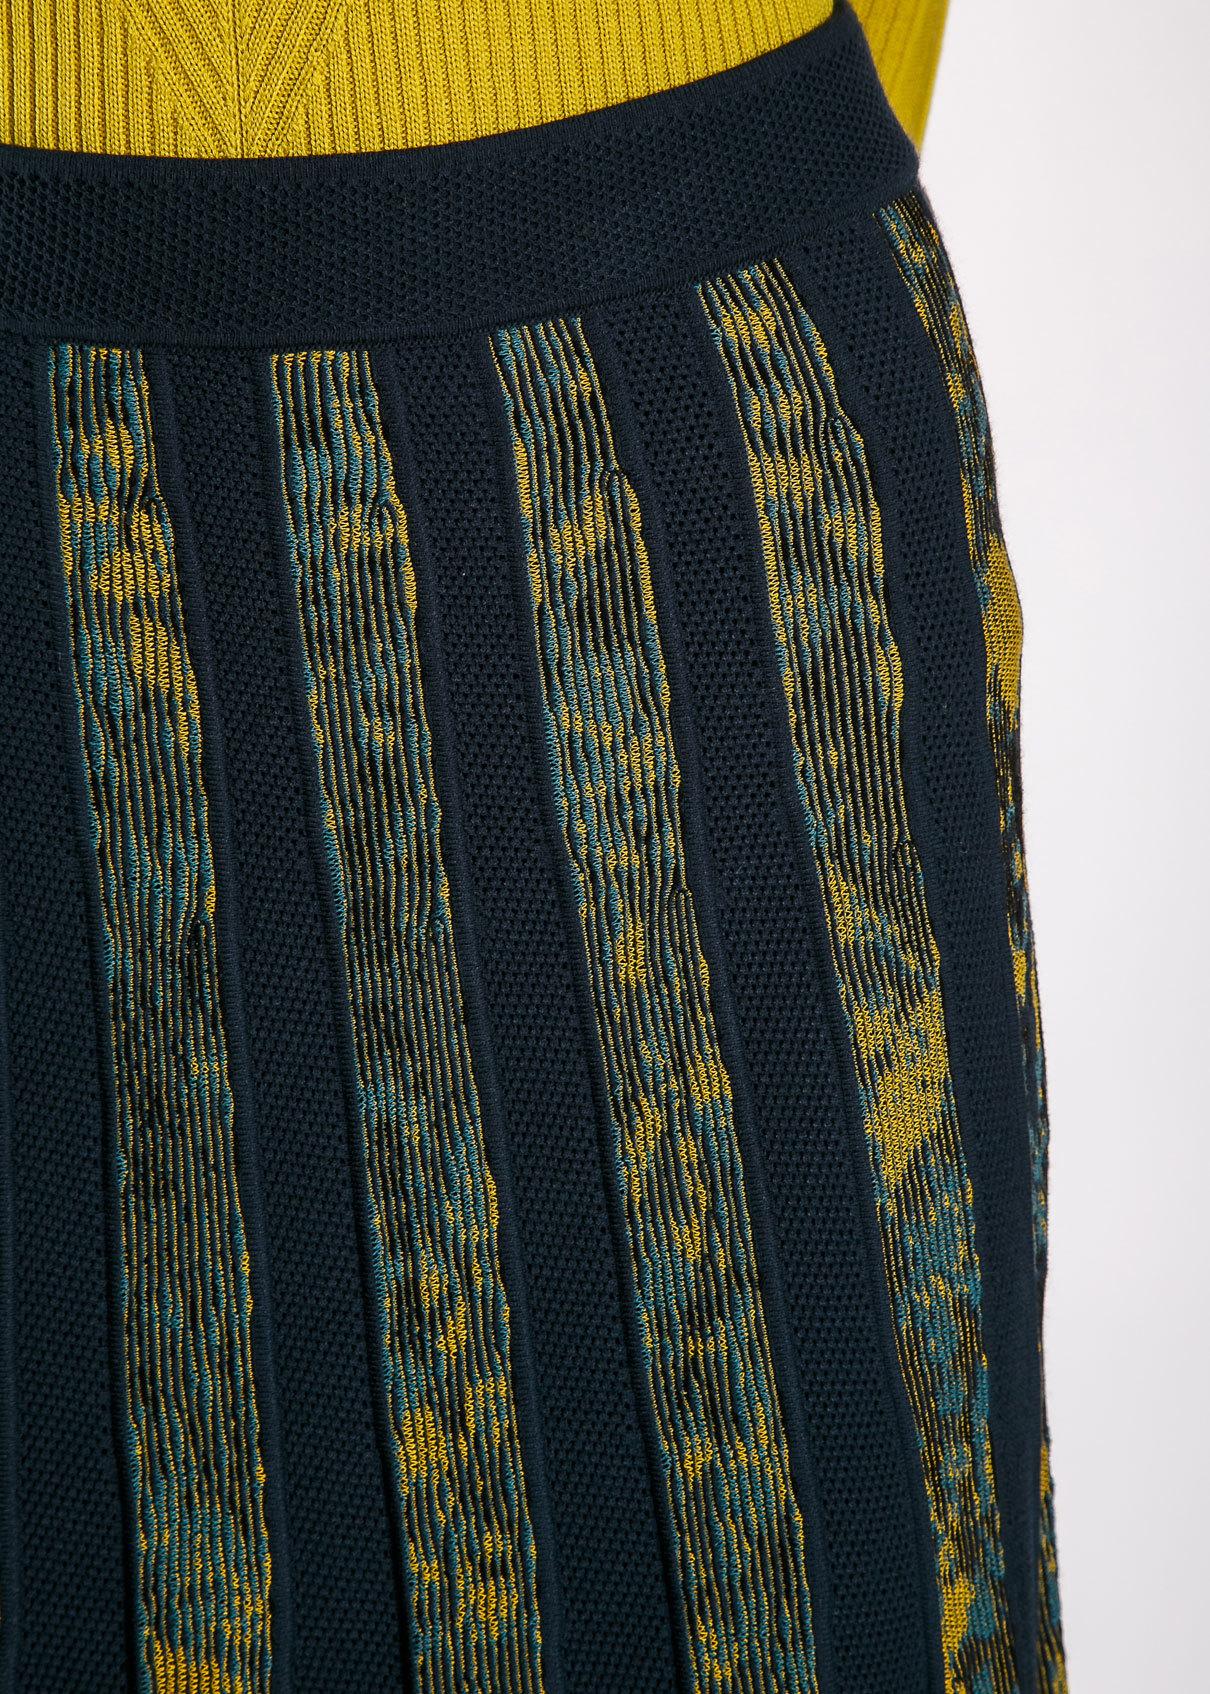 Юбка из вискозы и полиэстера. Цвет синий/изумруд M MISSONI